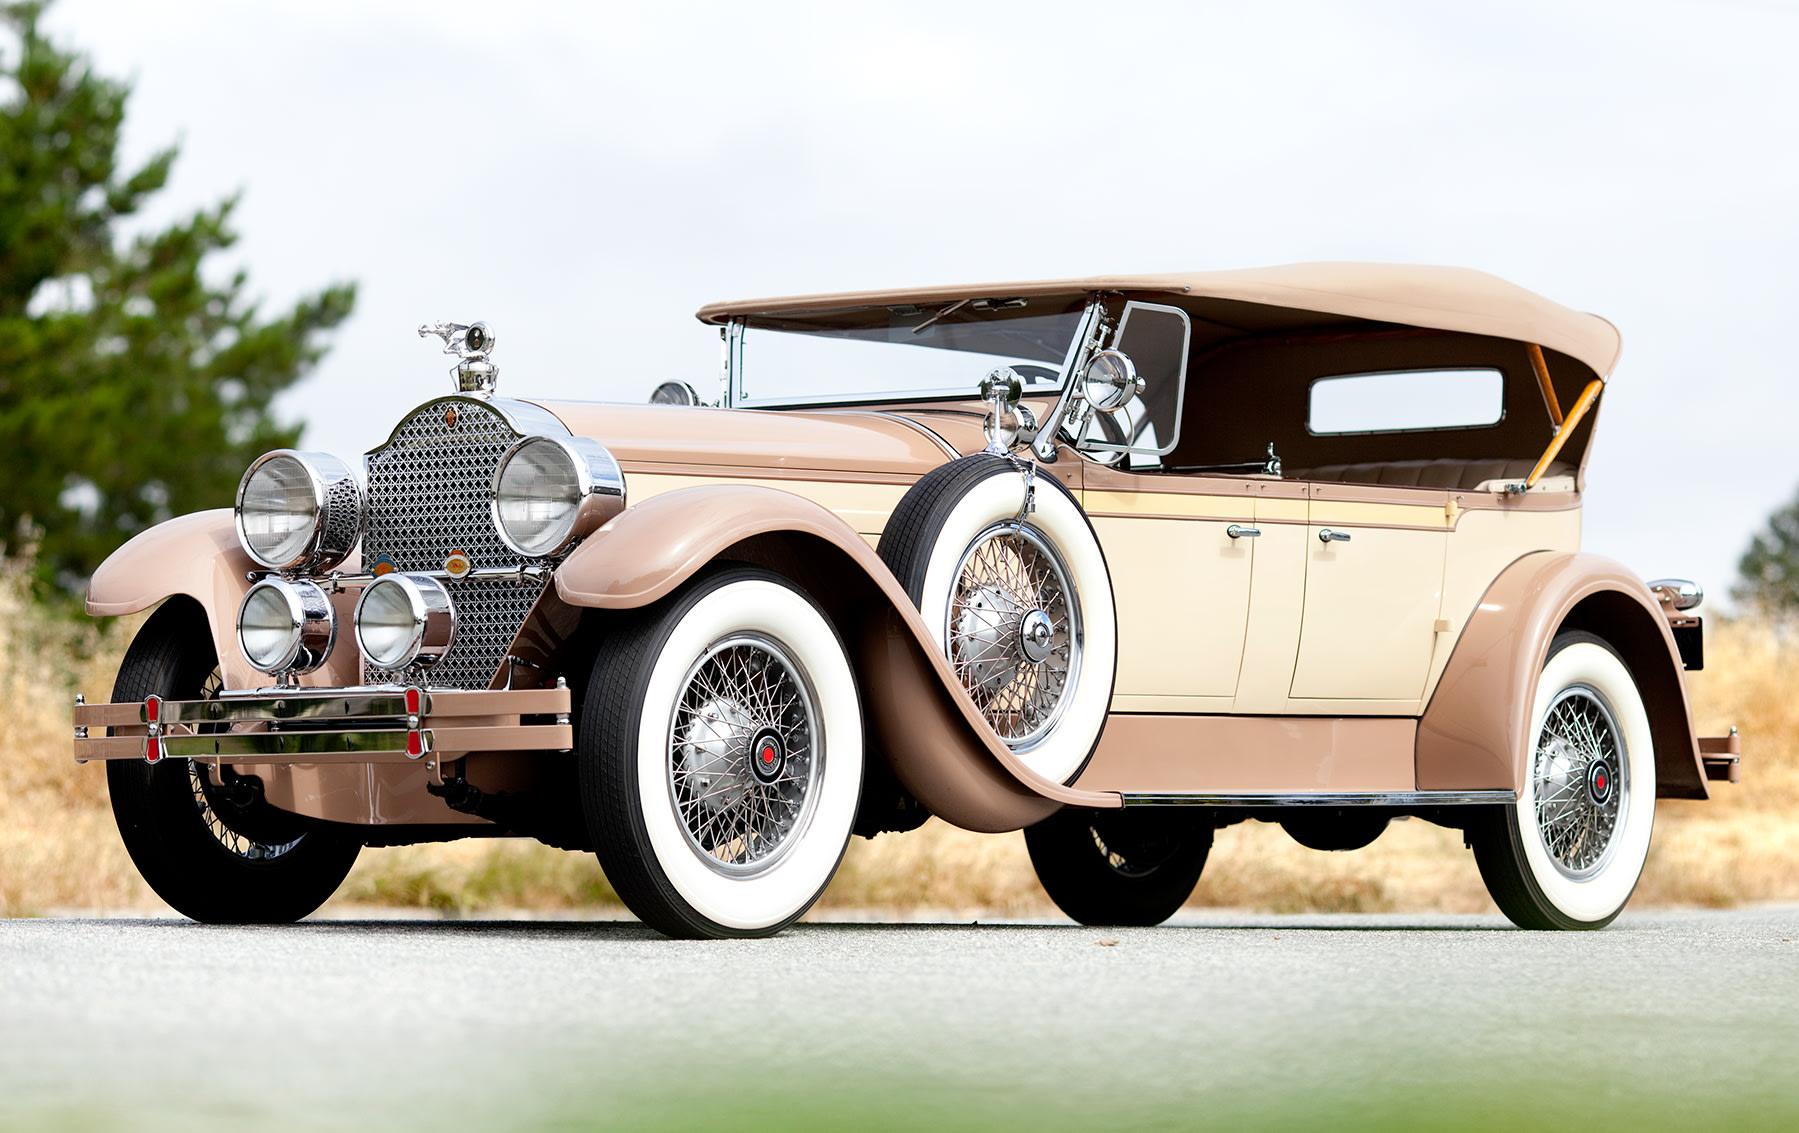 1928 Packard Model 443 Custom Eight Five-Passenger Phaeton